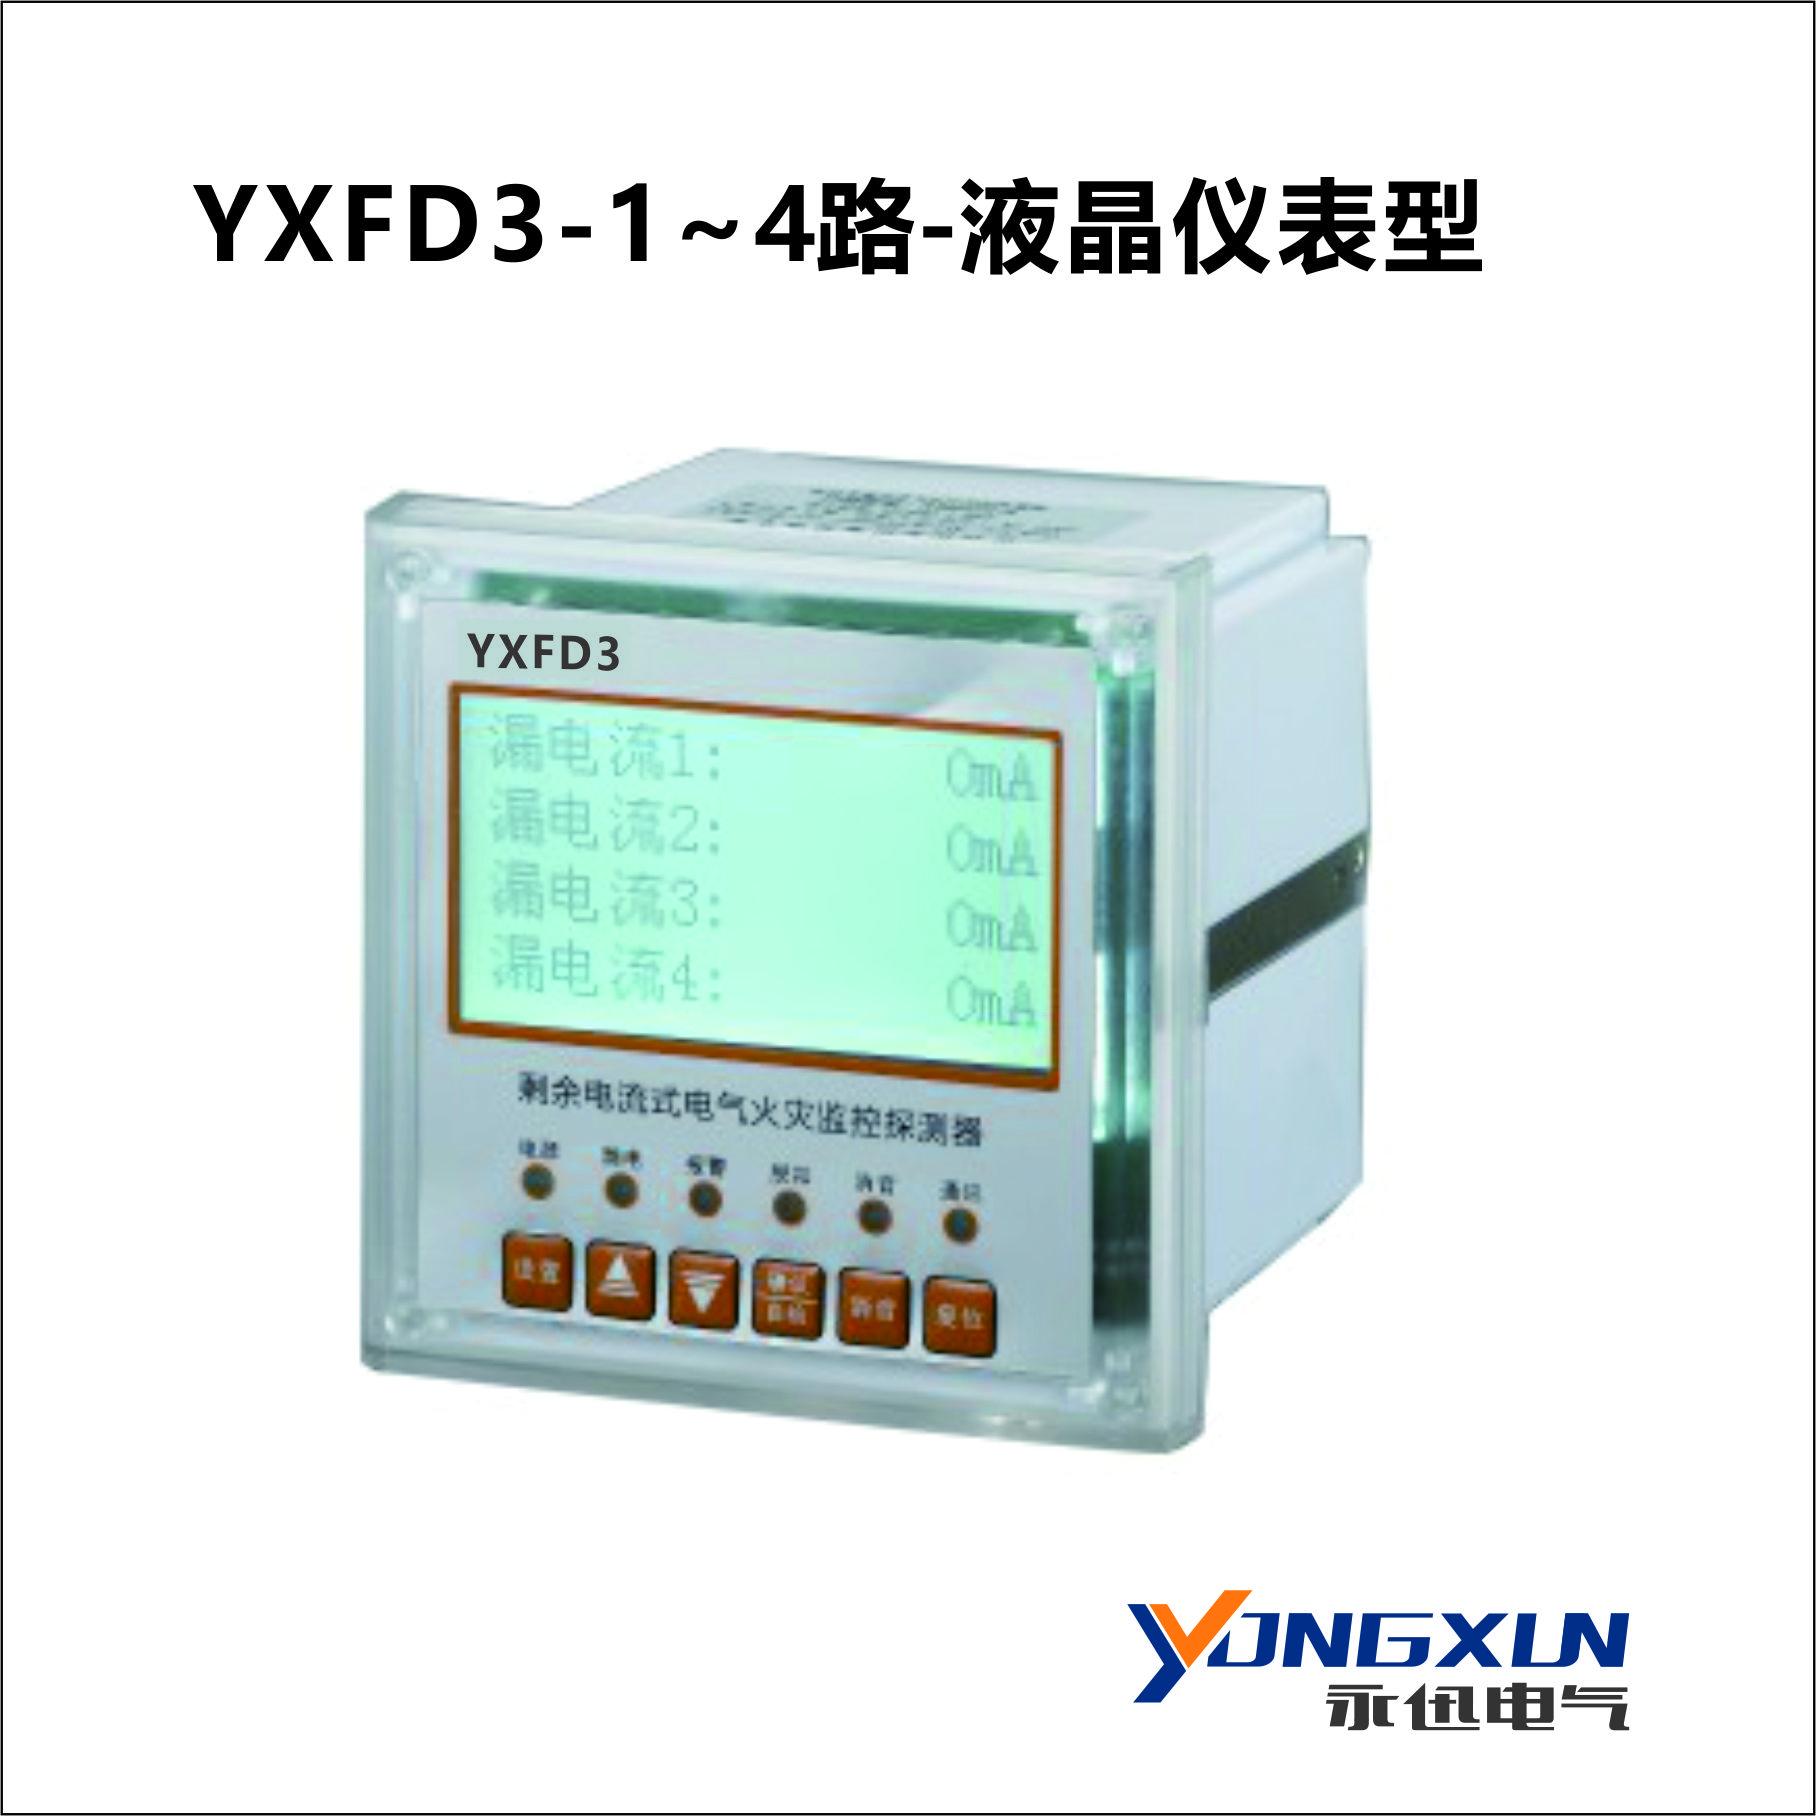 YXFD3-1~4路 液晶仪表型火灾监控探测器